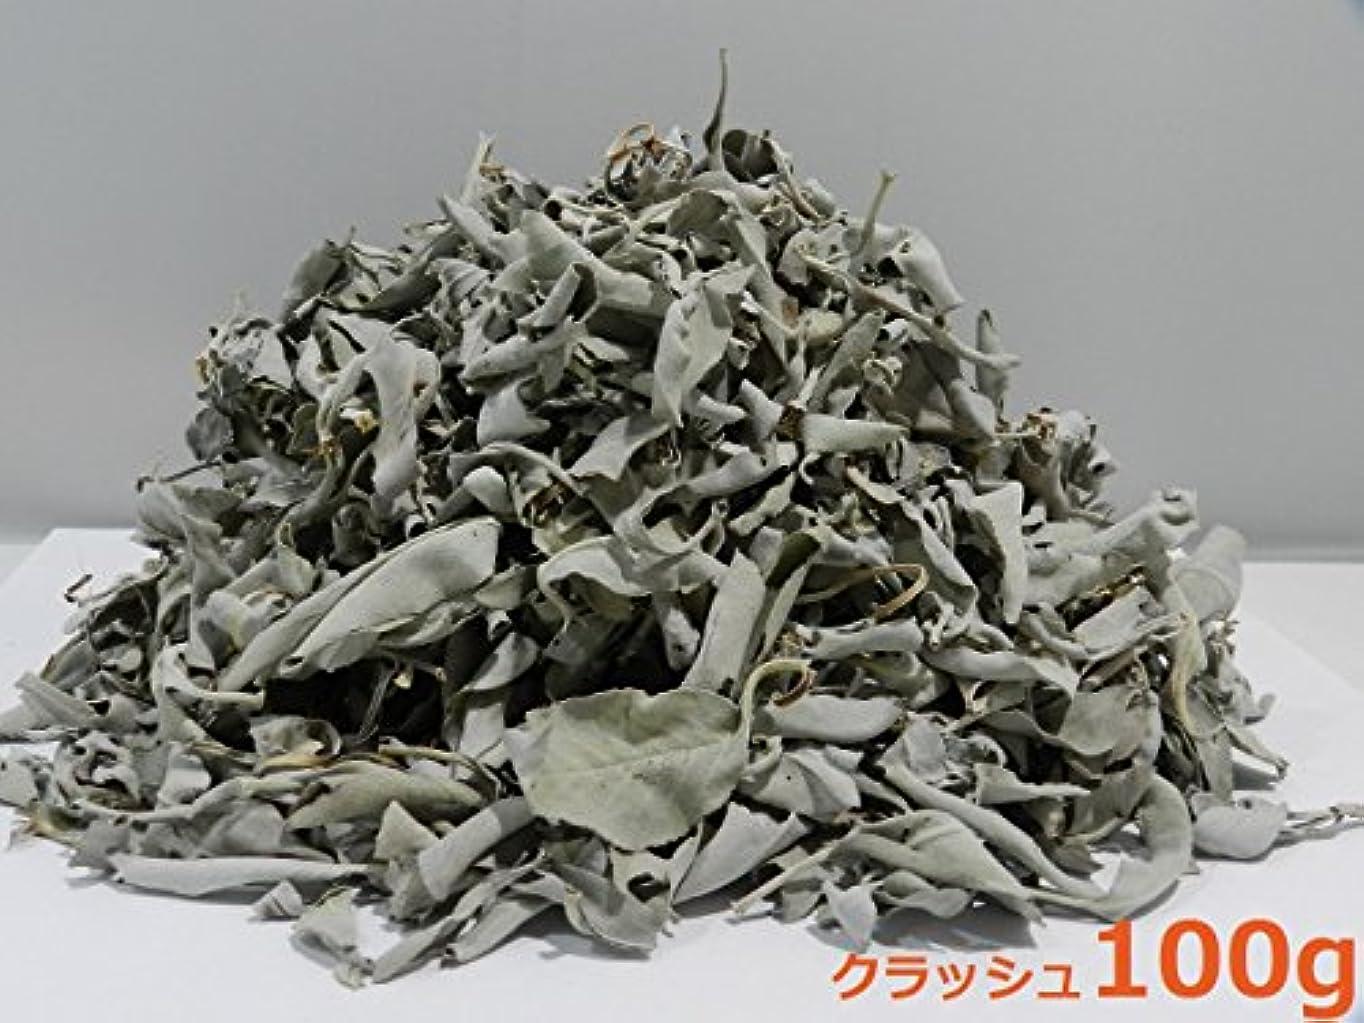 噴水キーリレーカリフォルニア産 浄化用 ホワイトセージ /White Sage クラッシュ 100g☆海外輸入品